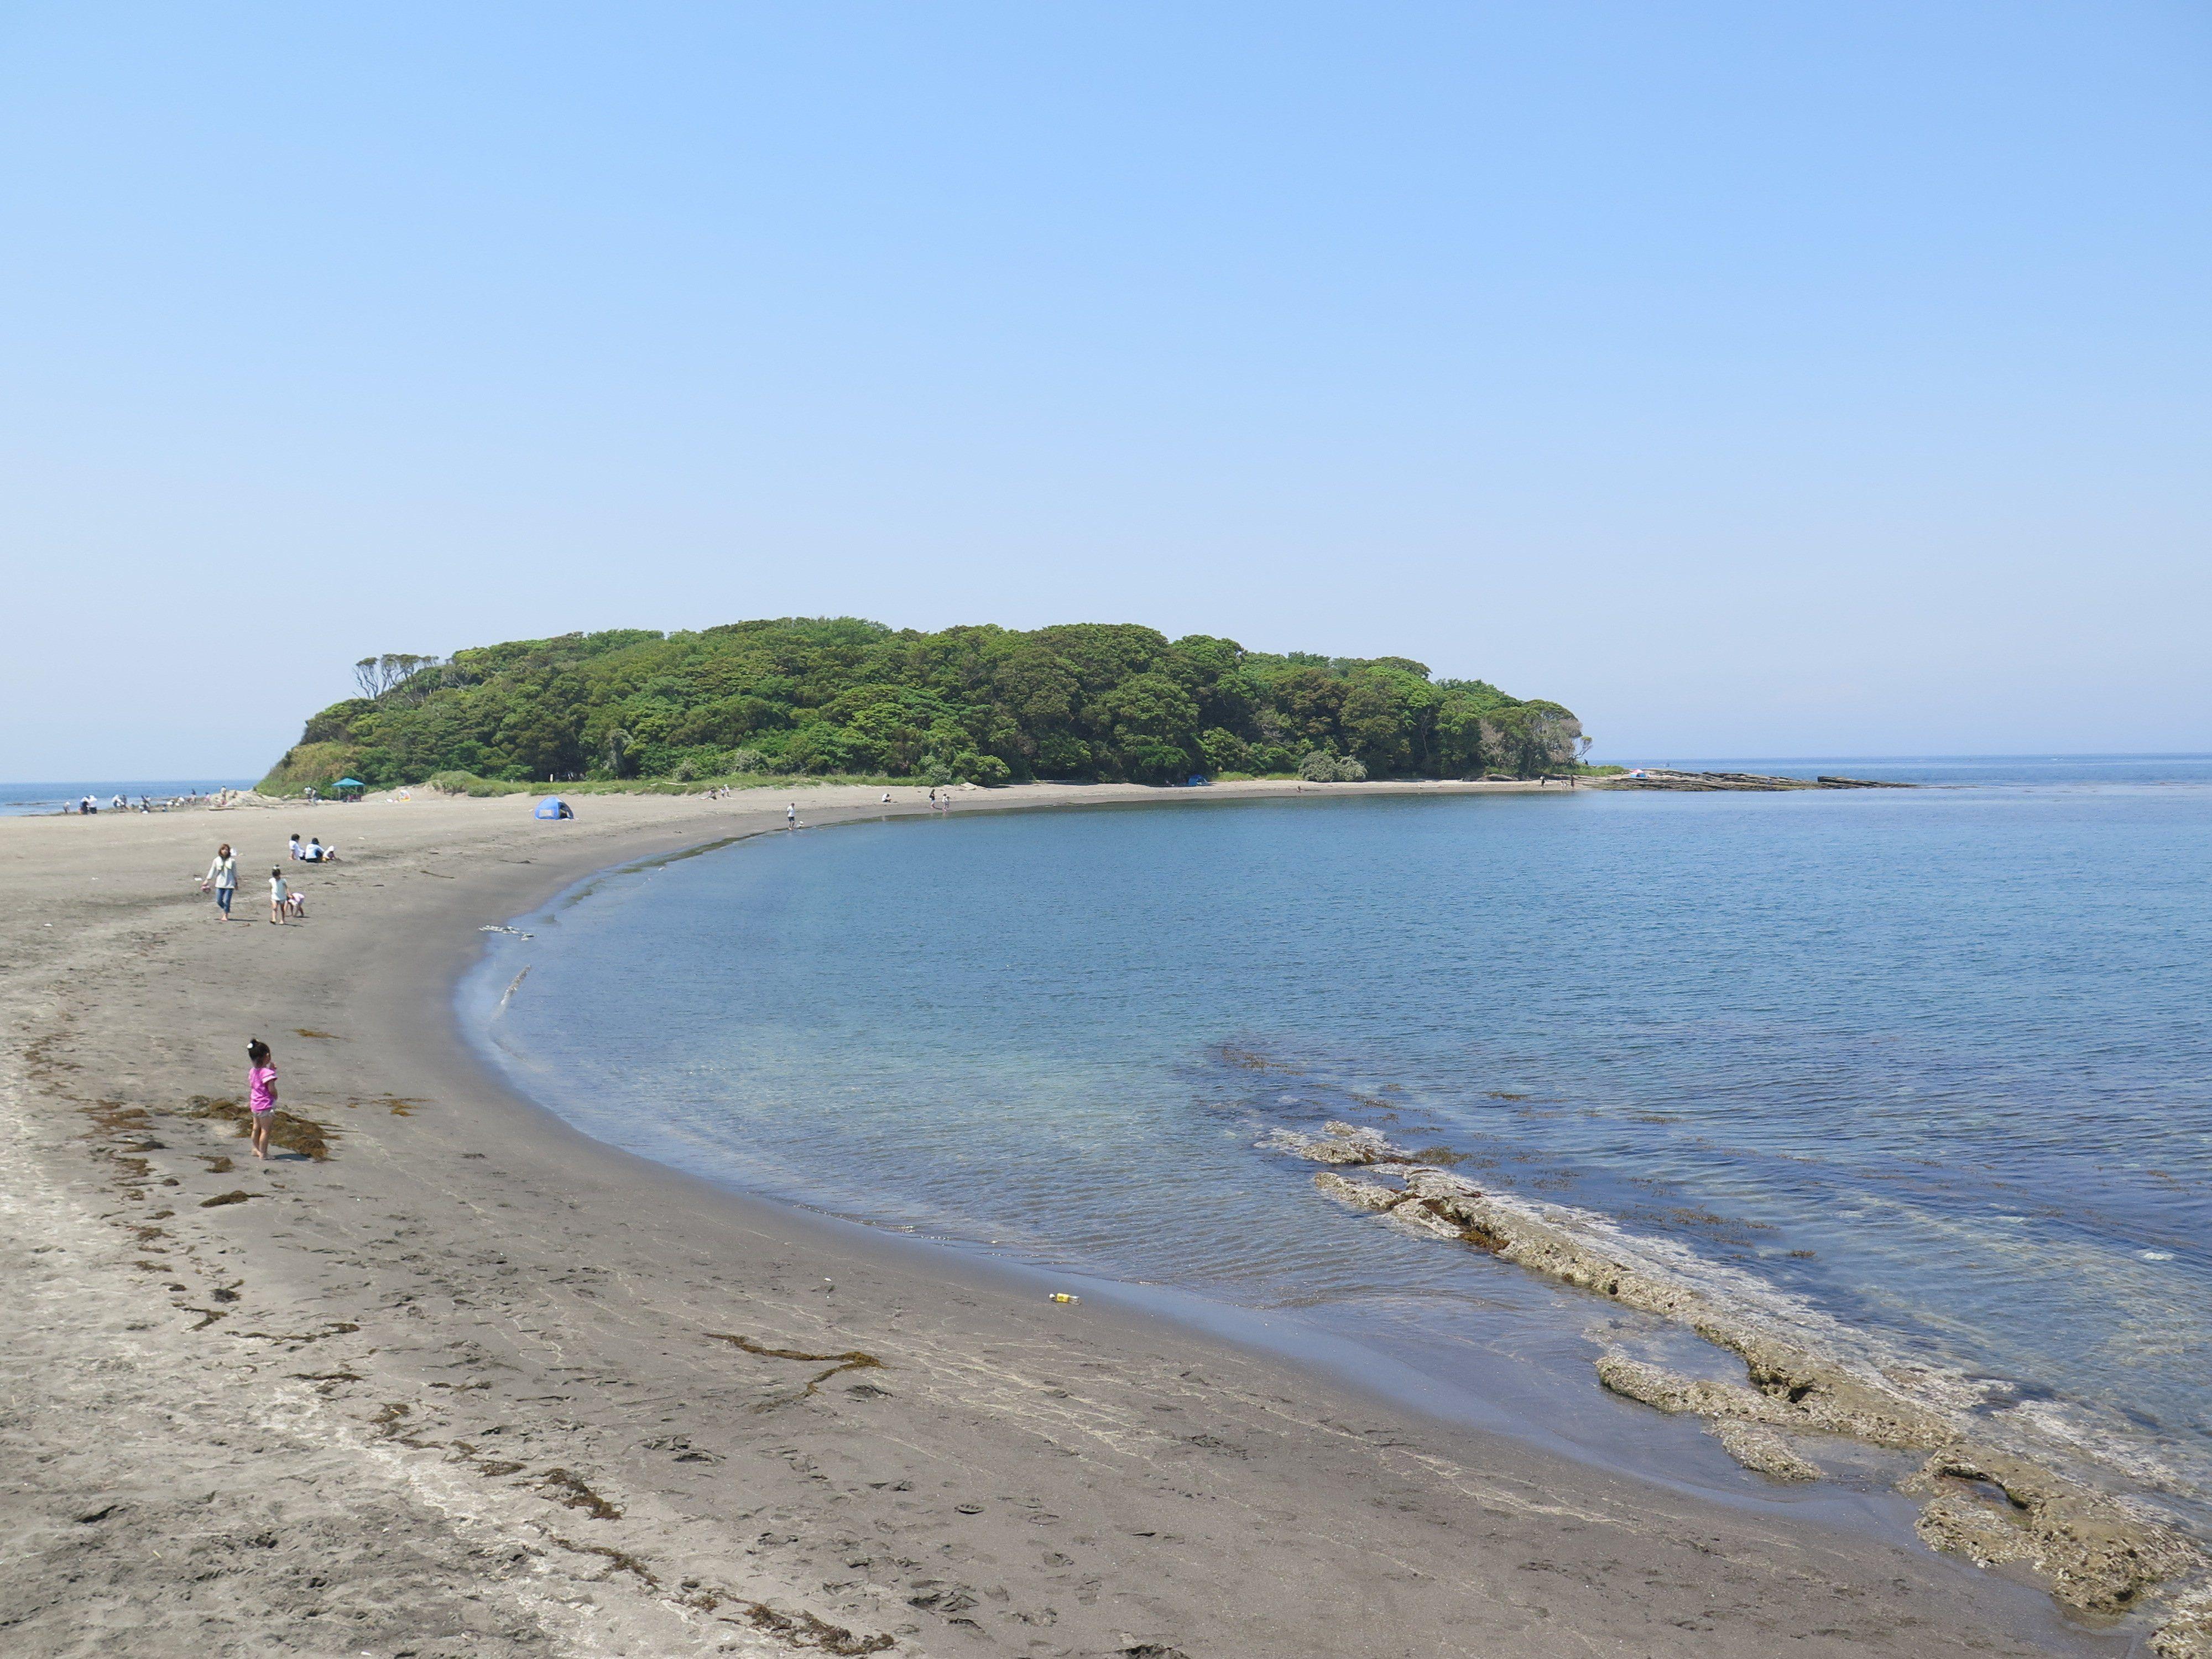 沖ノ島へのアクセス・駐車場は?シュノーケリングや磯遊びで自然を満喫!